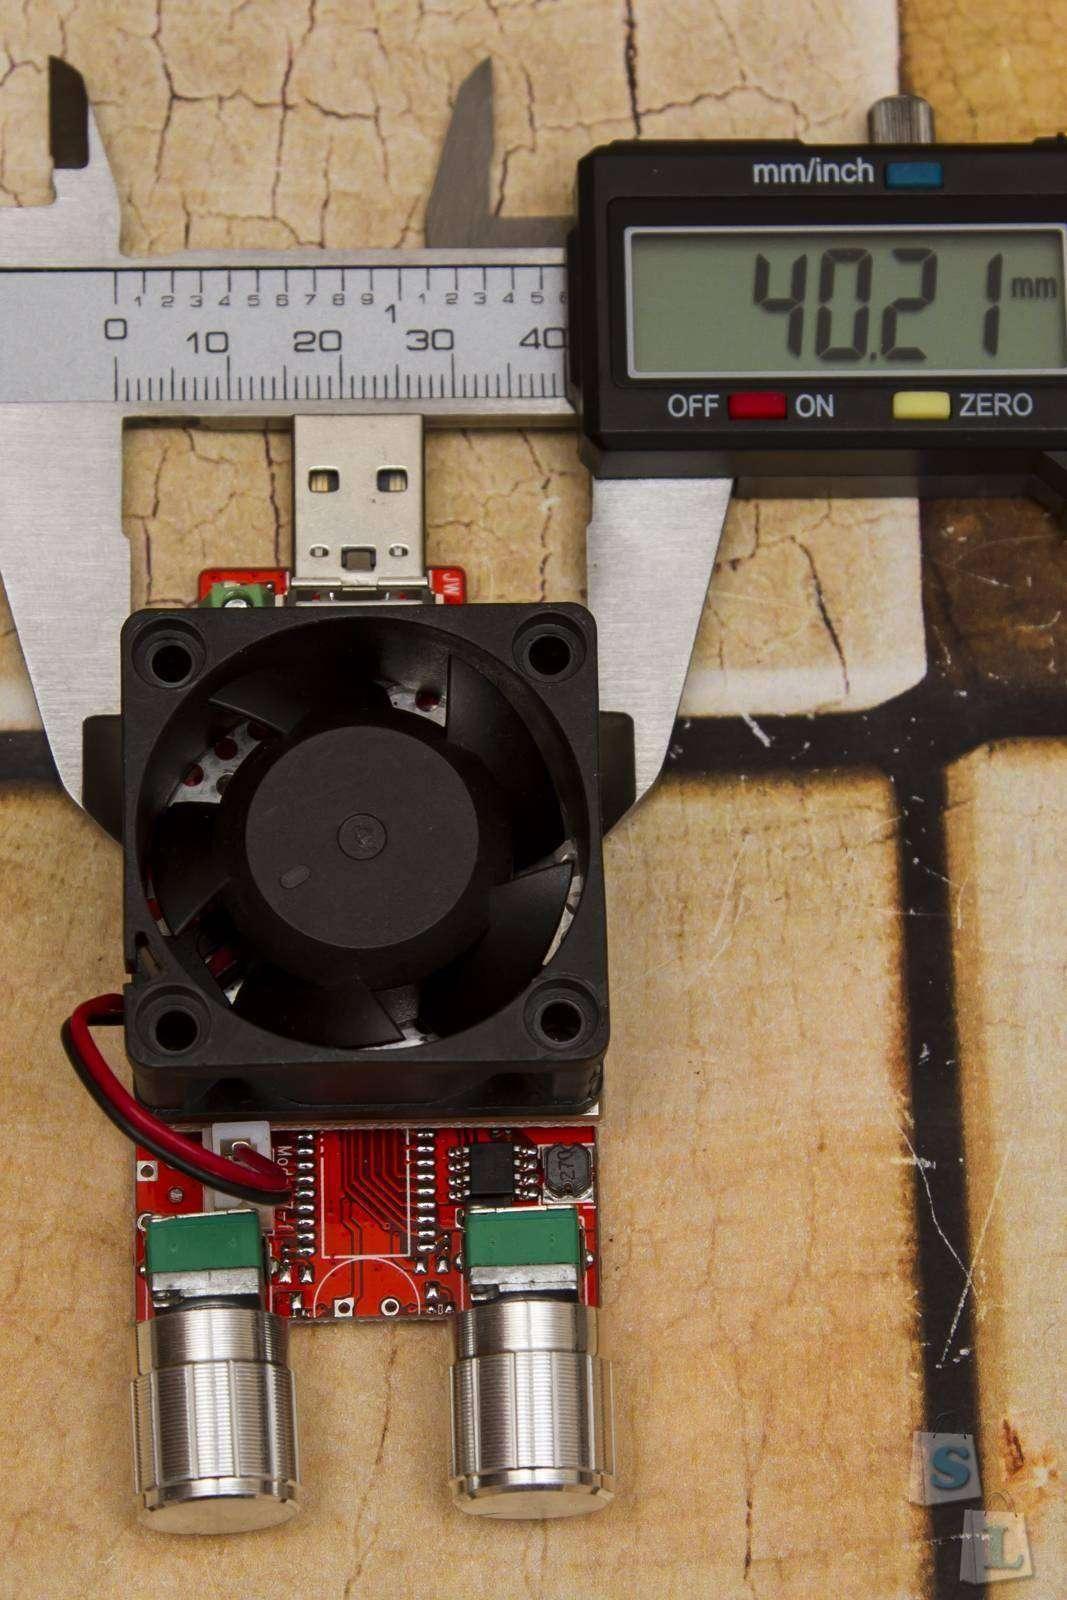 Aliexpress: Регулируемая электронная нагрузка JUWEI - 3-20V, 0-4A, 20 Вт